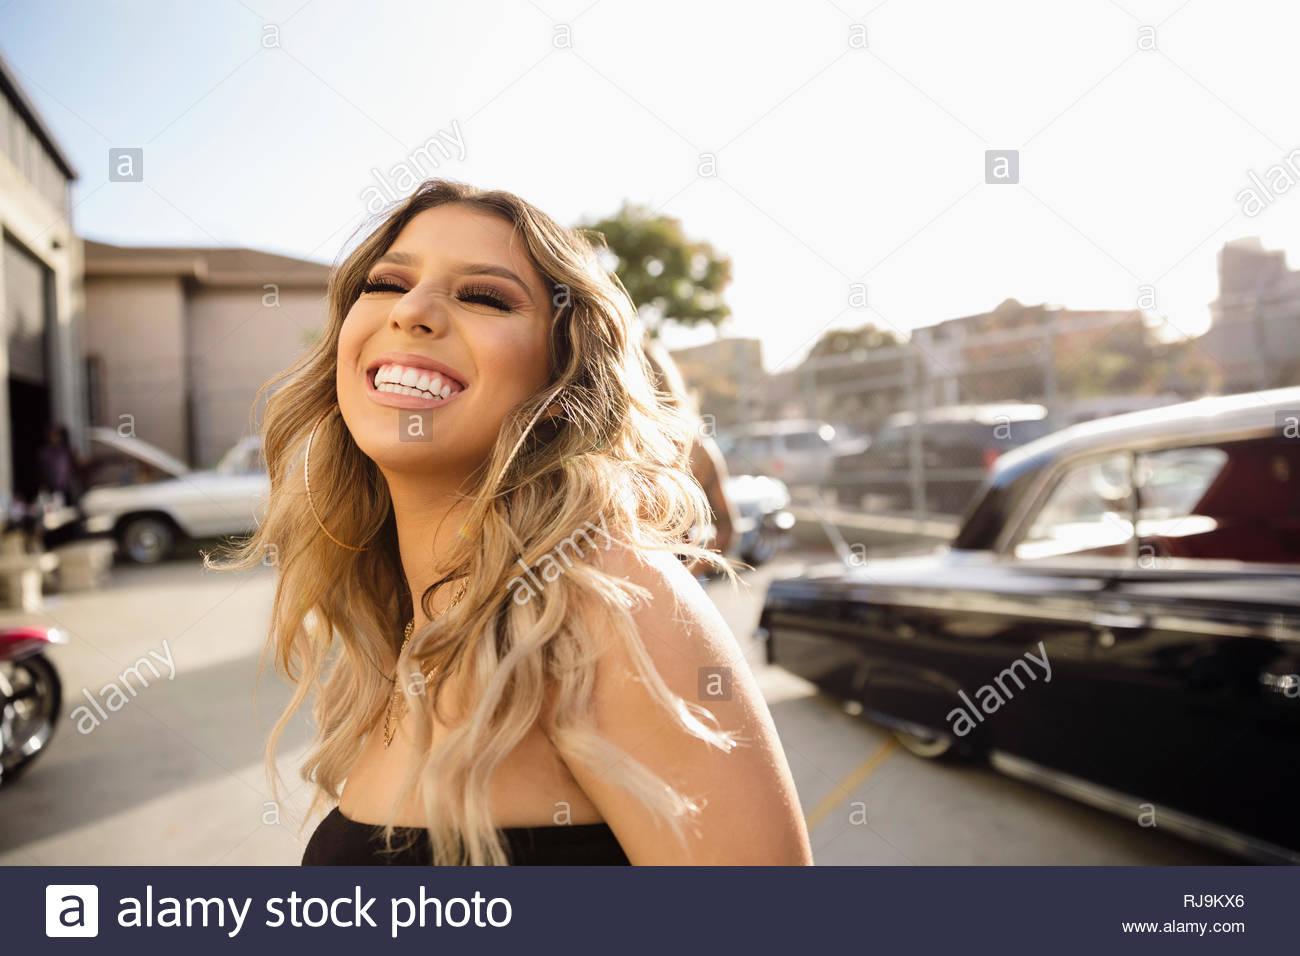 Riendo, carefree Latinx joven en un soleado día de estacionamiento Imagen De Stock